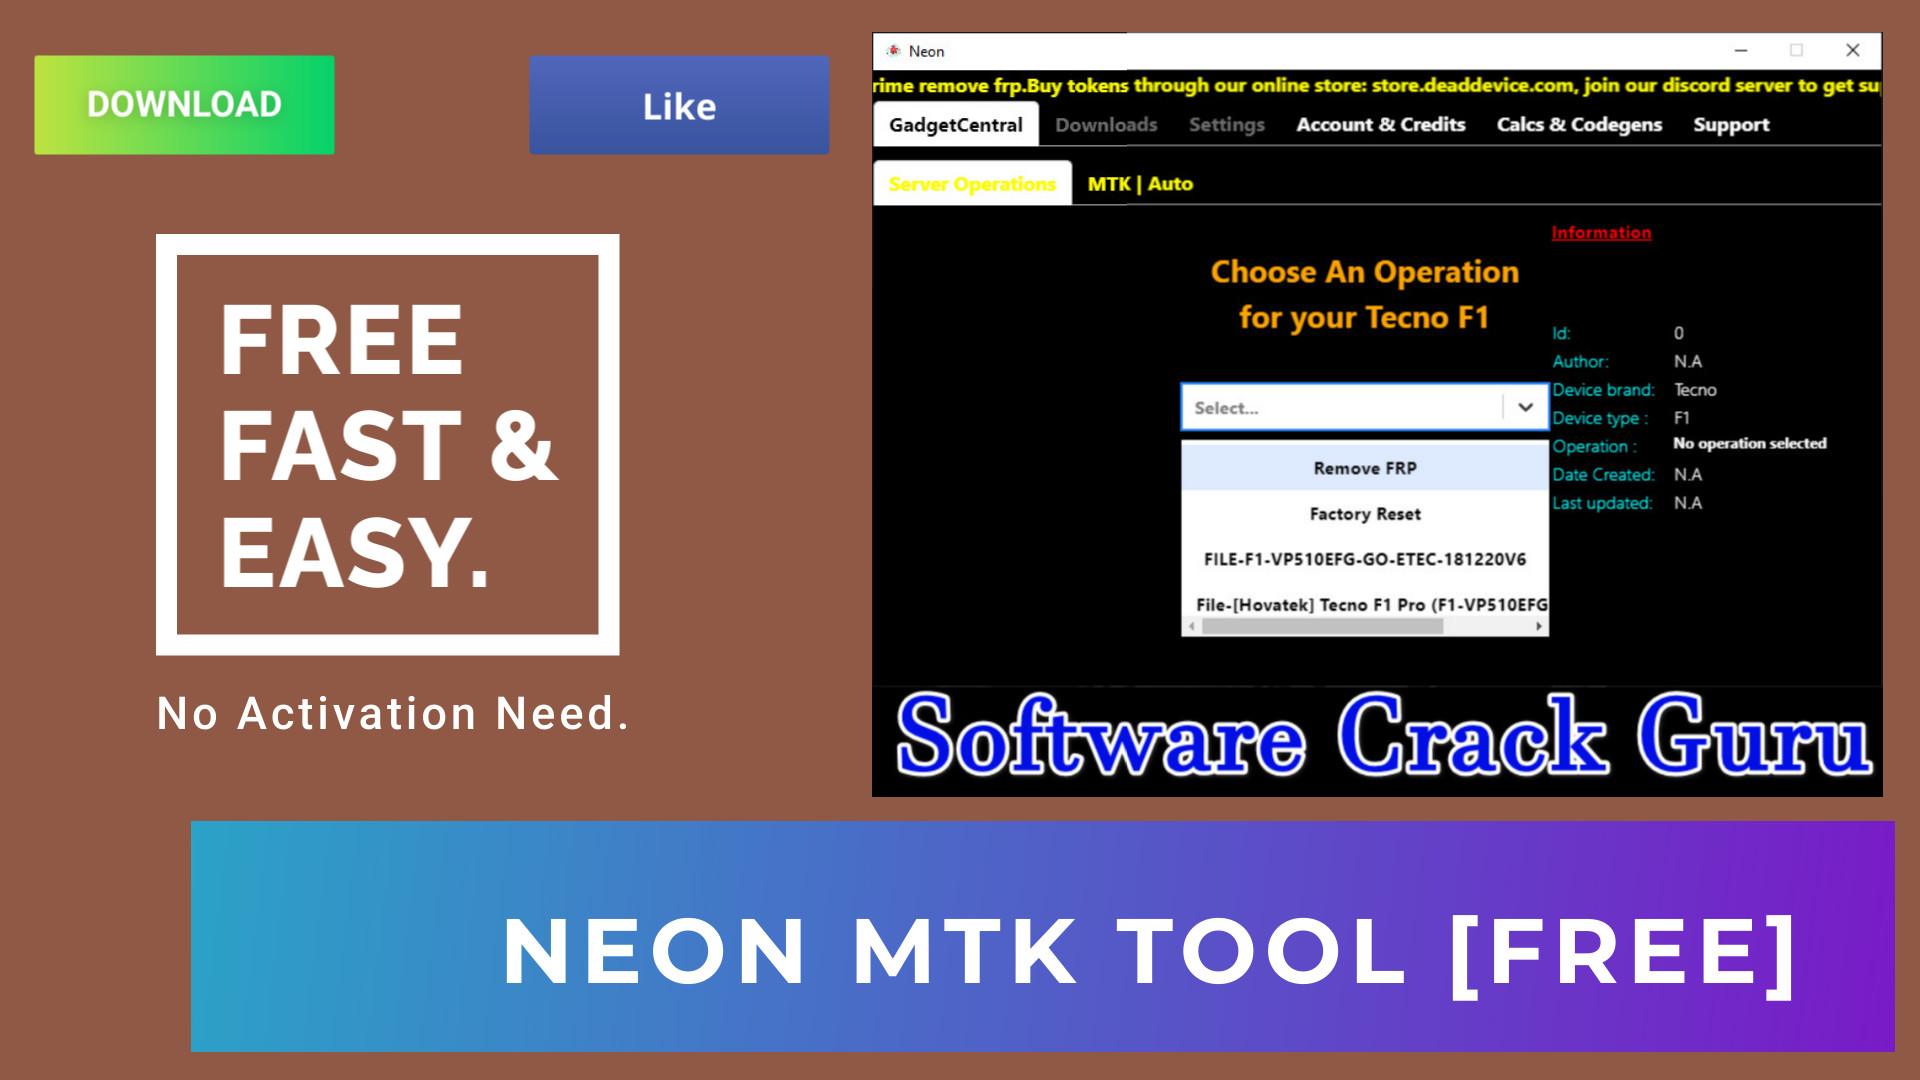 Neon Installer 1.5.7 Free Download | Best Tool For Unlocking MTK Phones!!!